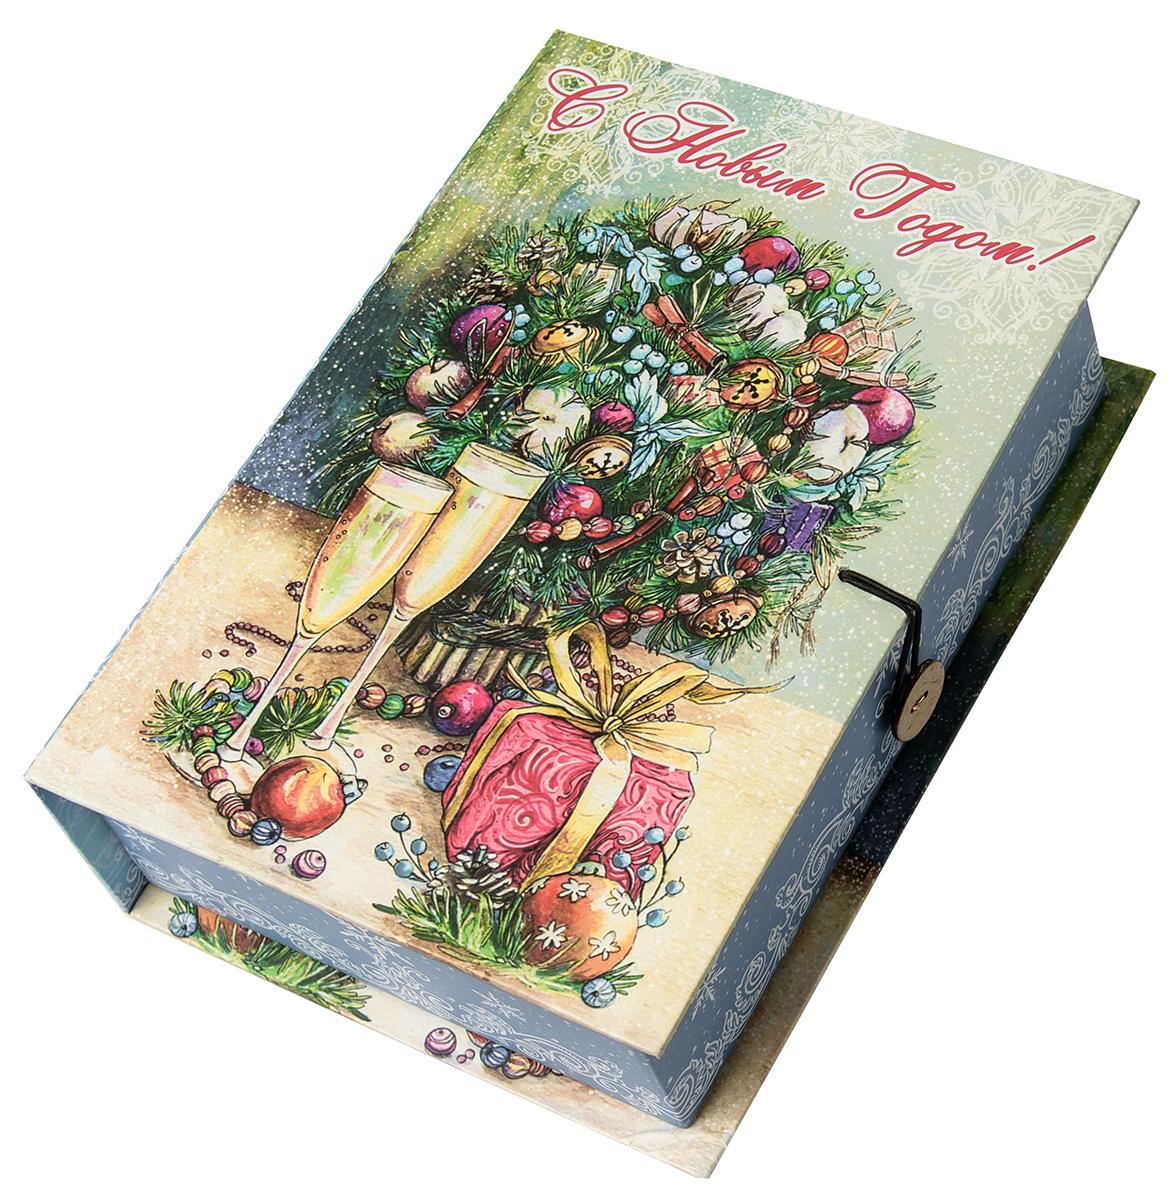 Коробка подарочная Magic Time Шампанское у елки, размер S. 7503475034Подарочная коробка Magic Time, выполненная из мелованного, ламинированного картона, закрывается на пуговицу. Крышка оформлена декоративным рисунком. Подарочная коробка - это наилучшее решение, если вы хотите порадовать ваших близких и создать праздничное настроение, ведь подарок, преподнесенный в оригинальной упаковке, всегда будет самым эффектным и запоминающимся. Окружите близких людей вниманием и заботой, вручив презент в нарядном, праздничном оформлении.Плотность картона: 1100 г/м2.